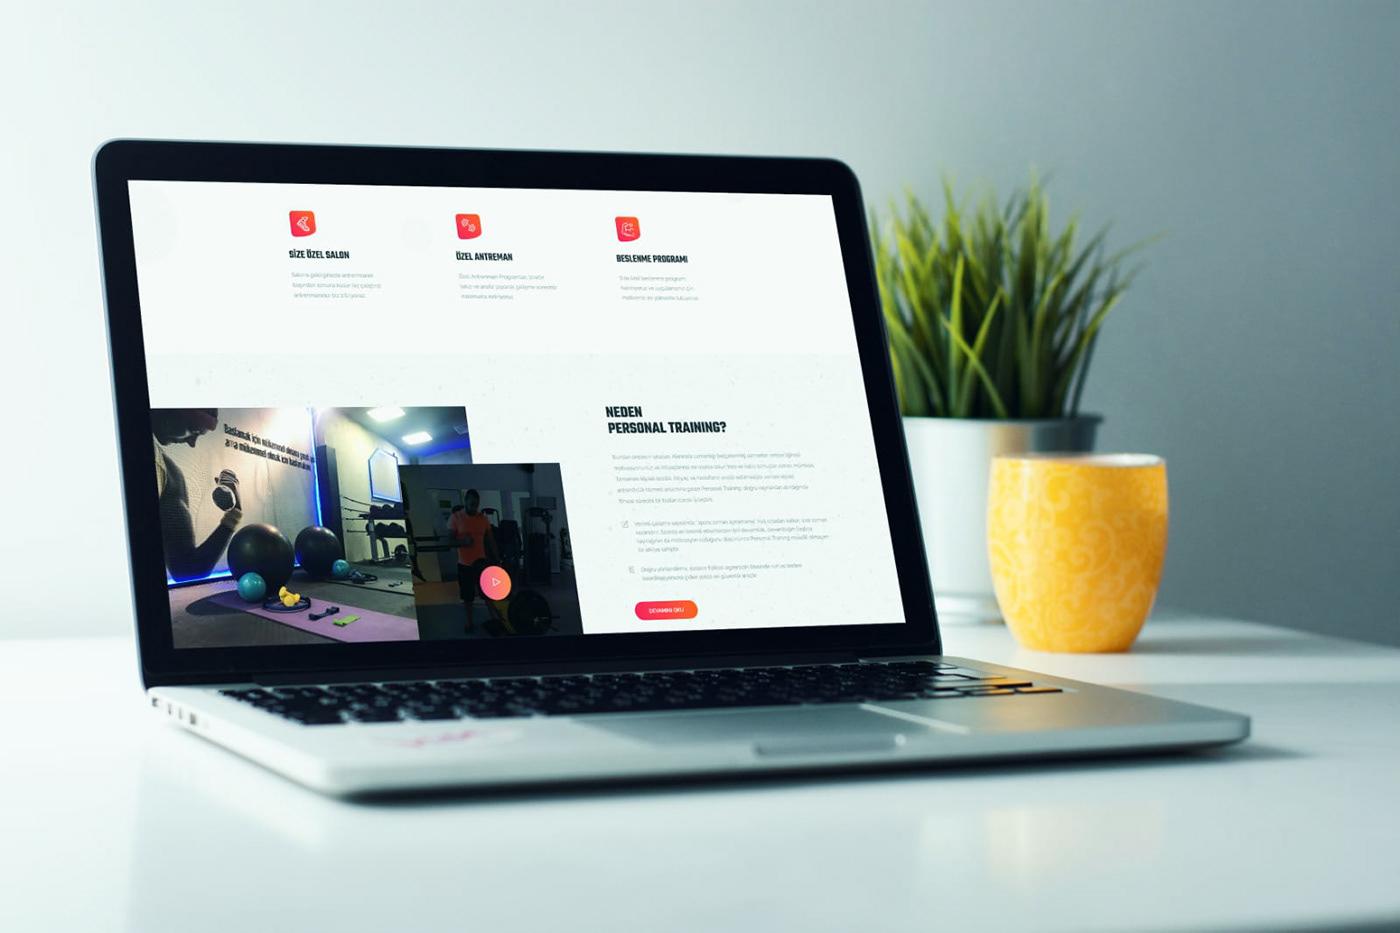 Web SEO html5 Webdesign webtasarım grafik grafiktasarım graphicdesign ajans reklam